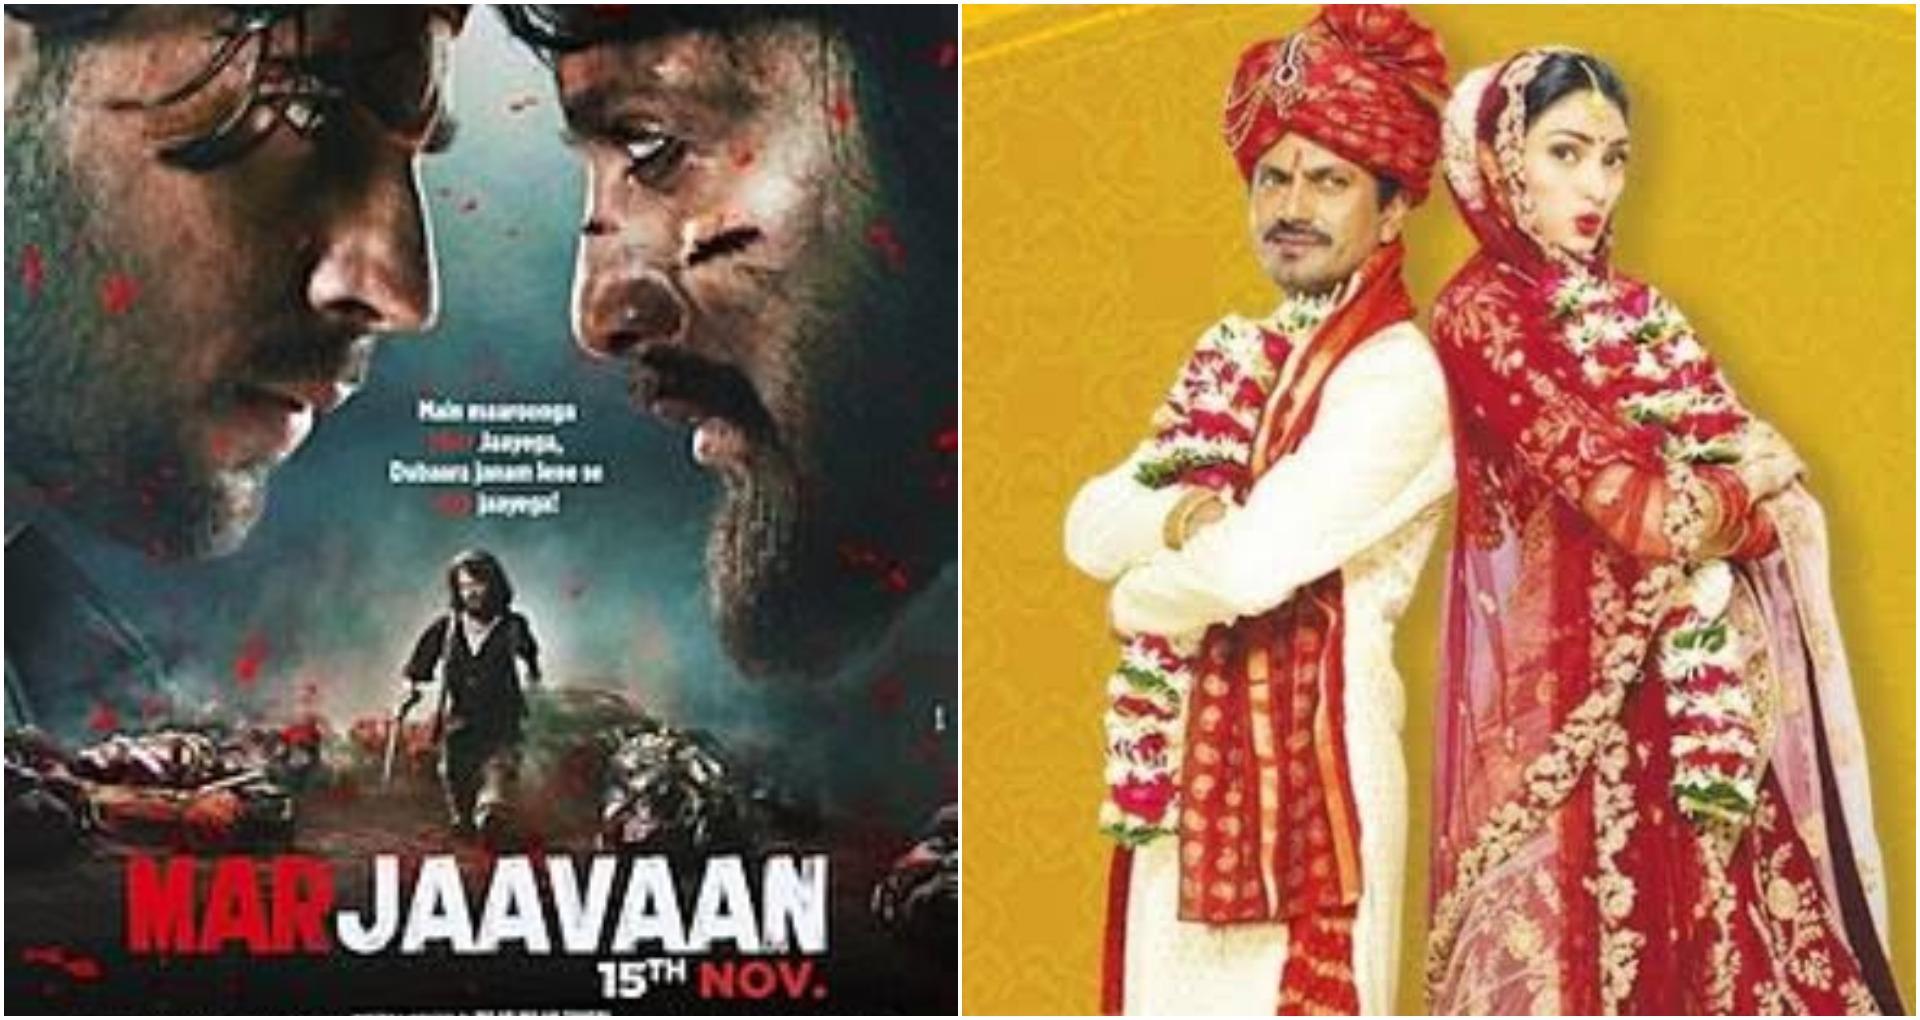 BOX OFFICE COLLECTION : रिलीज़ के पहले दिन फिल्म 'मरजावां' ने किया 'नवाज' की 'मोतीचूर चकनाचूर' को क्रॉस